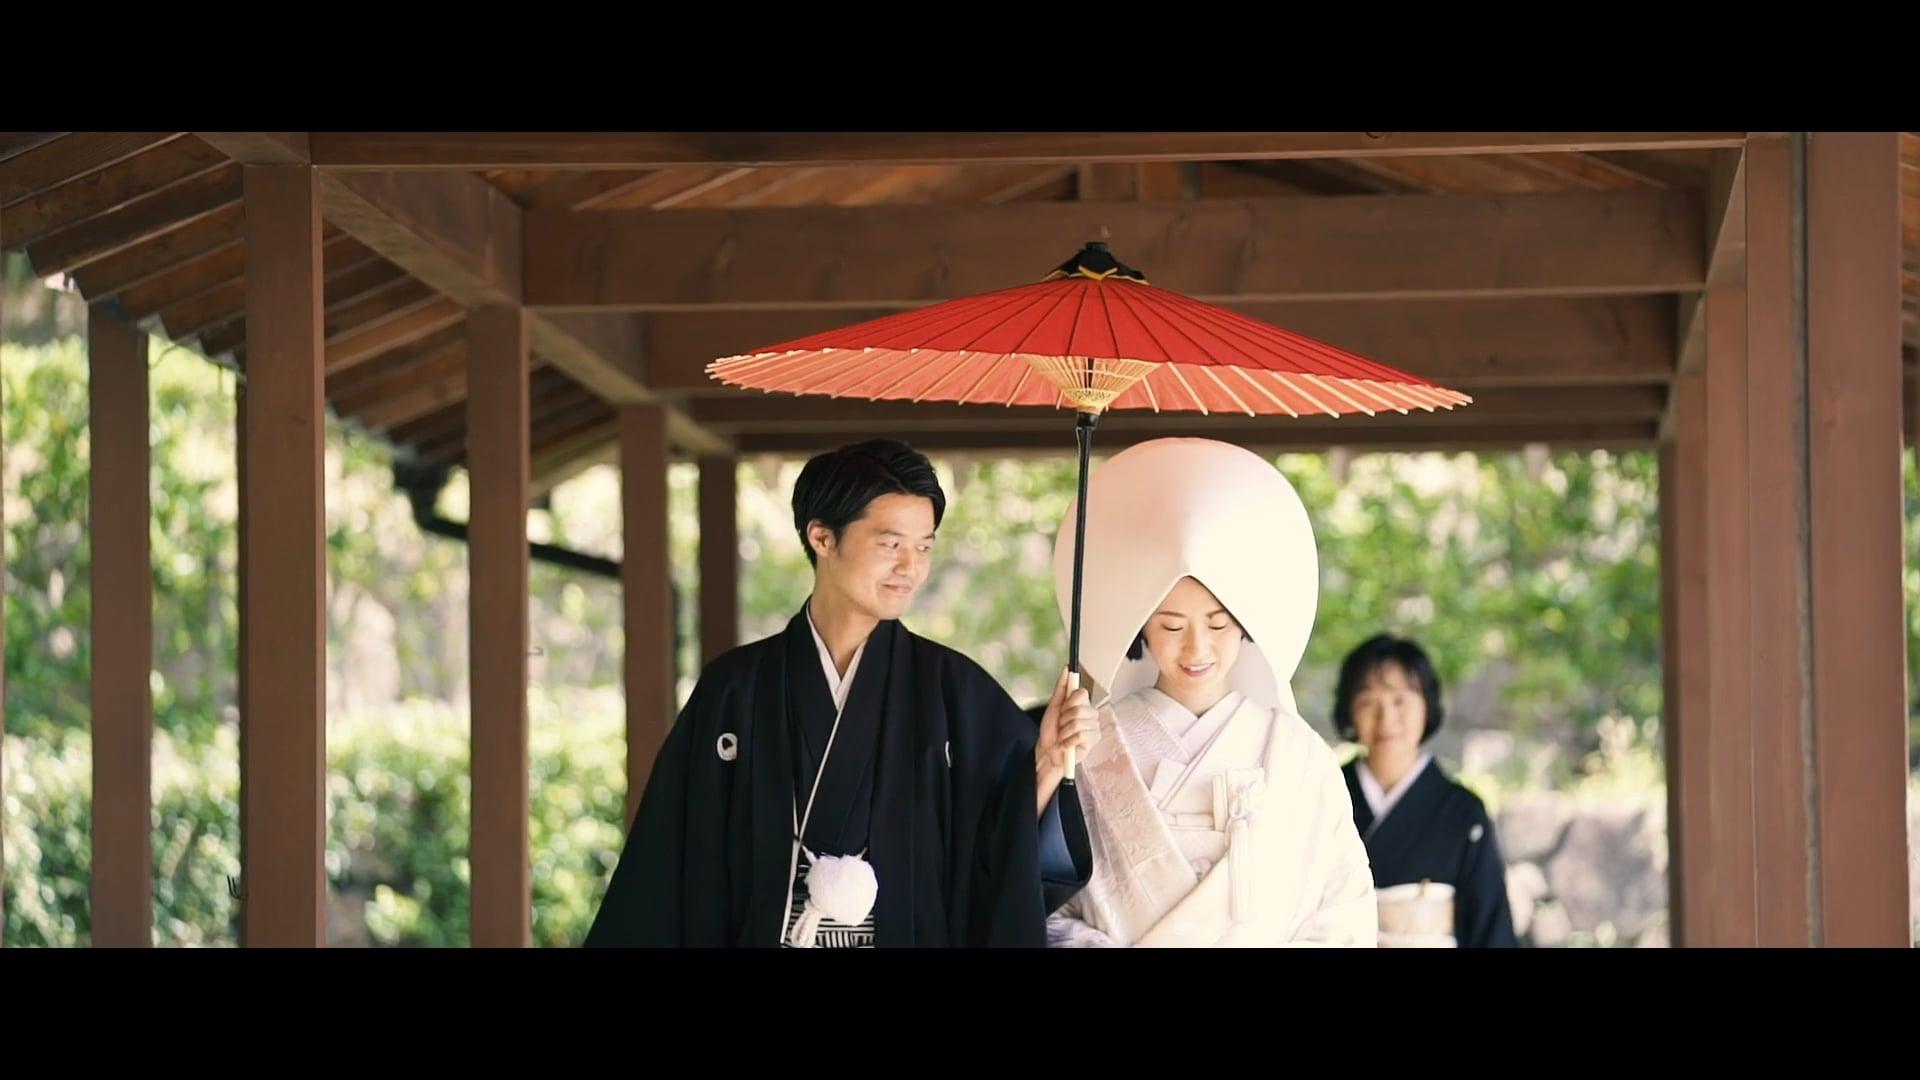 181007kojiro & yumisamedayedit